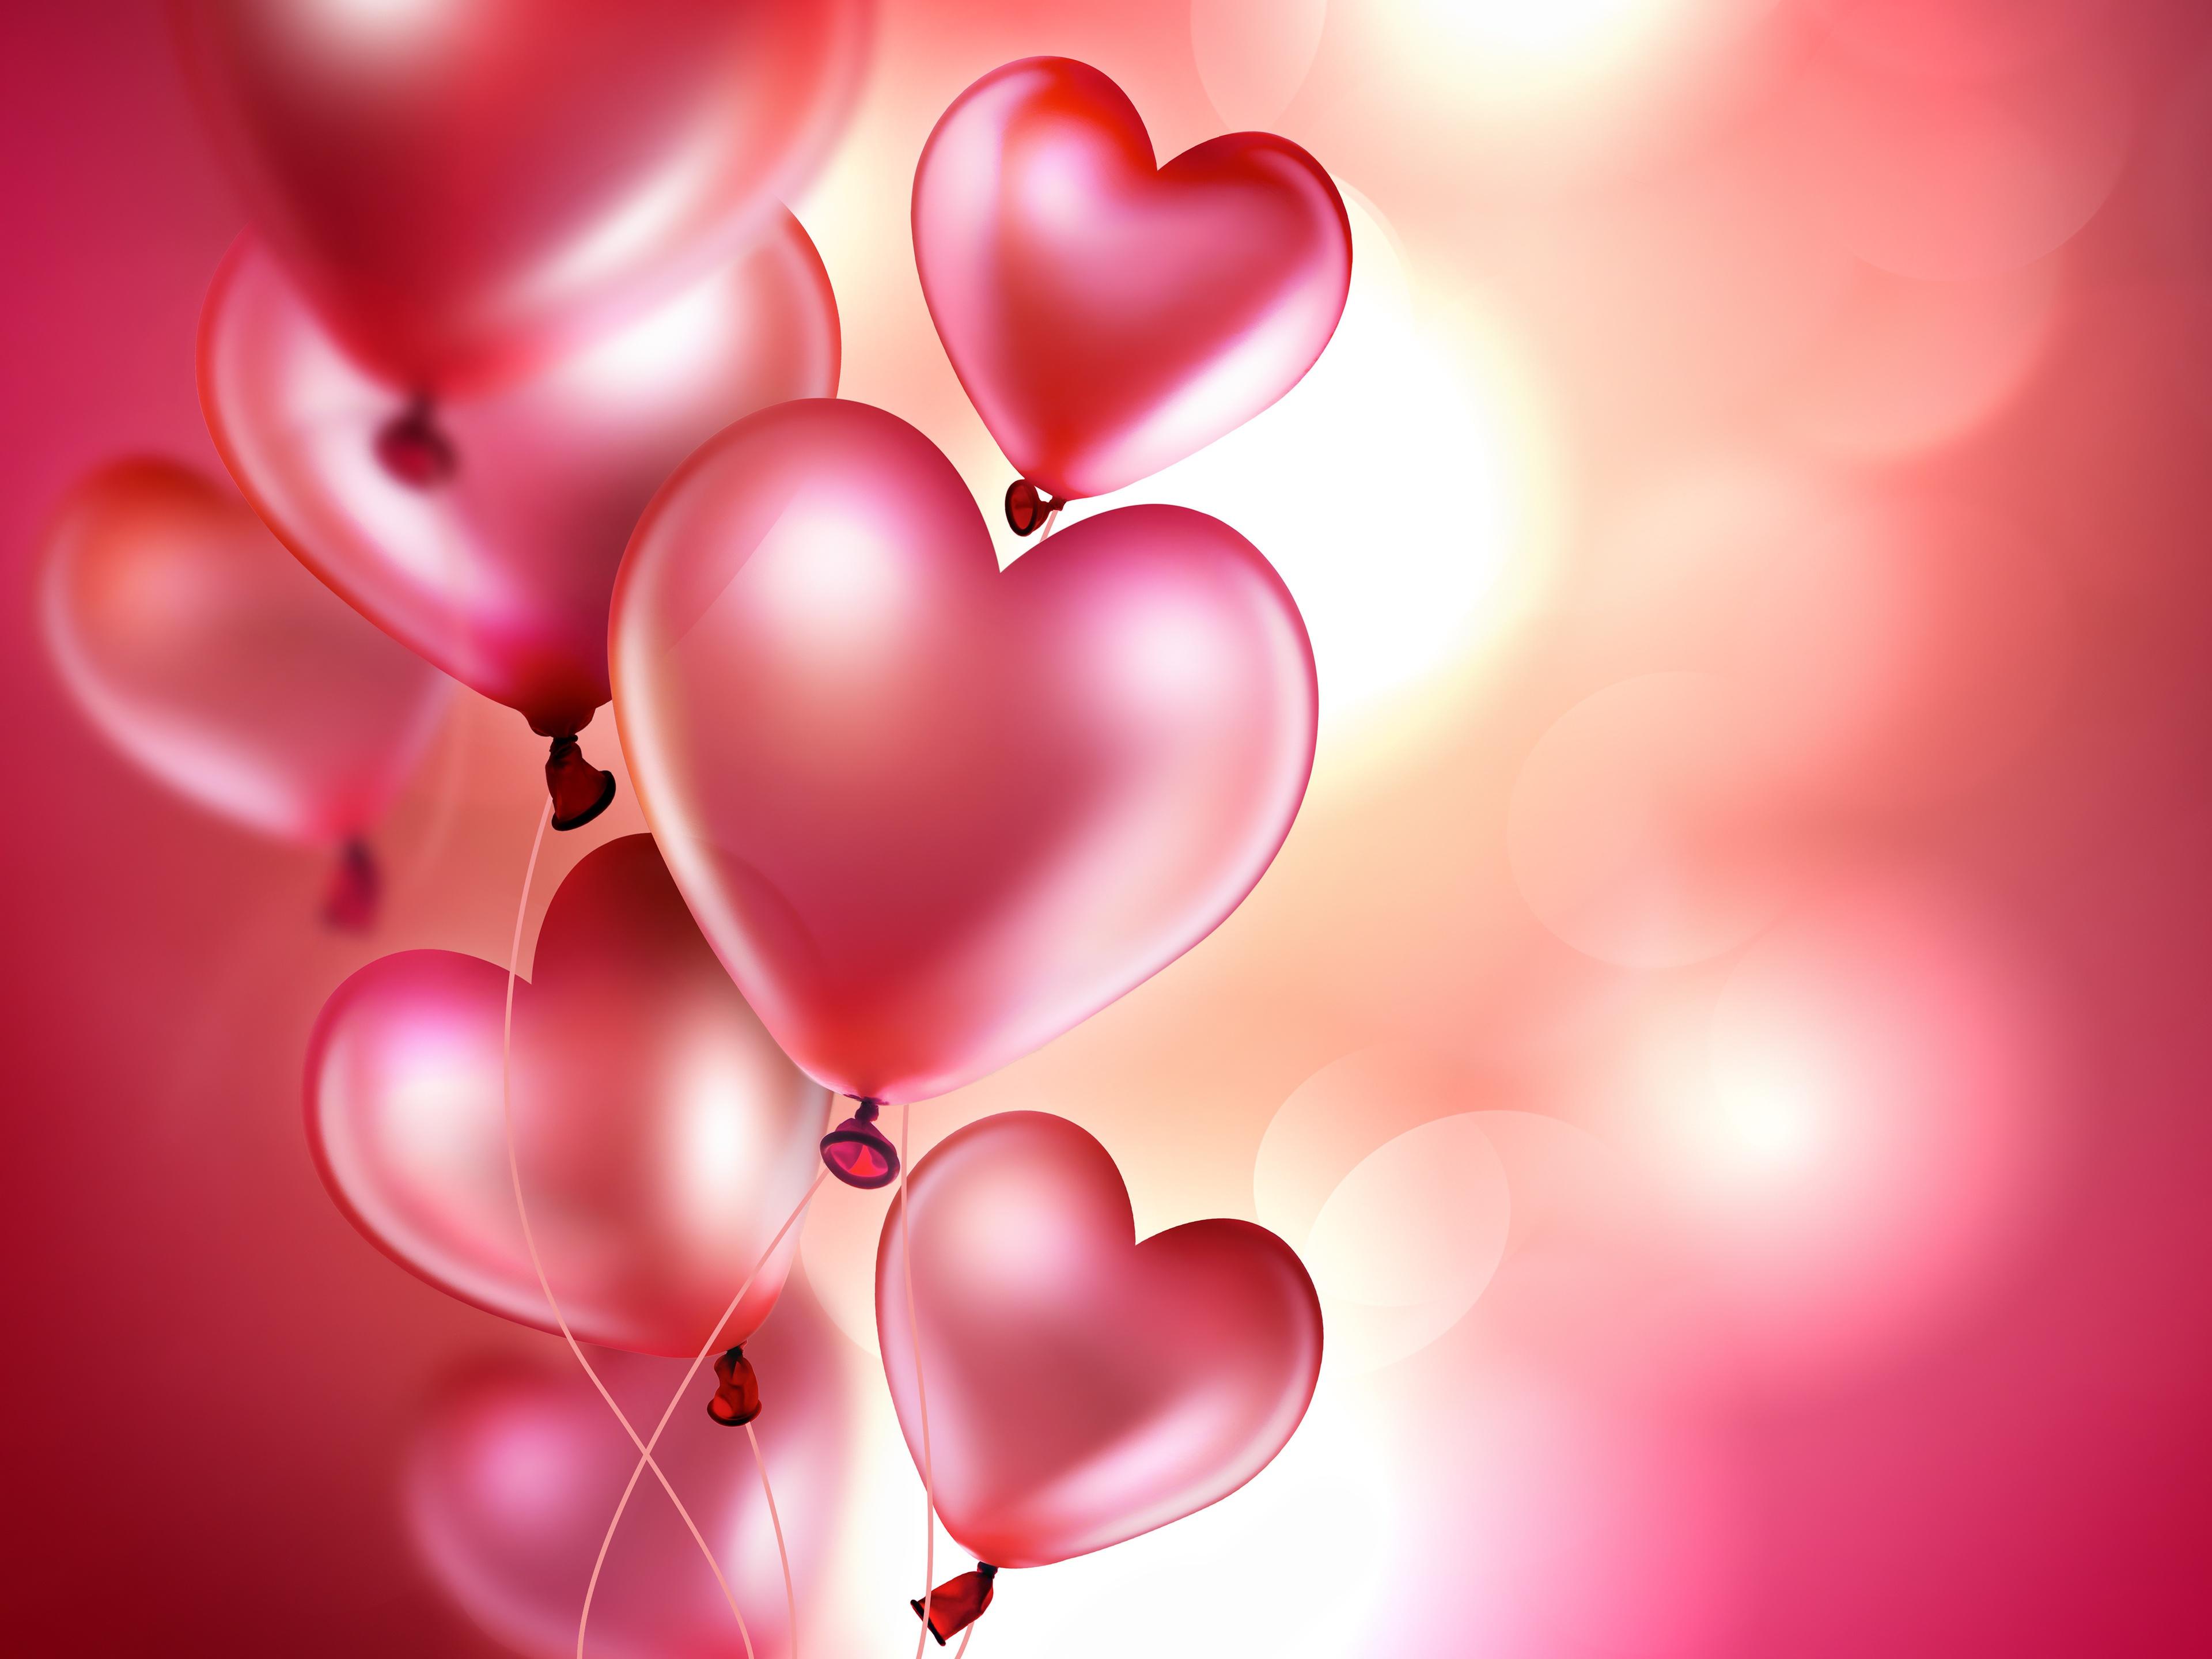 Мая смешная, открытка воздушные шары сердечки